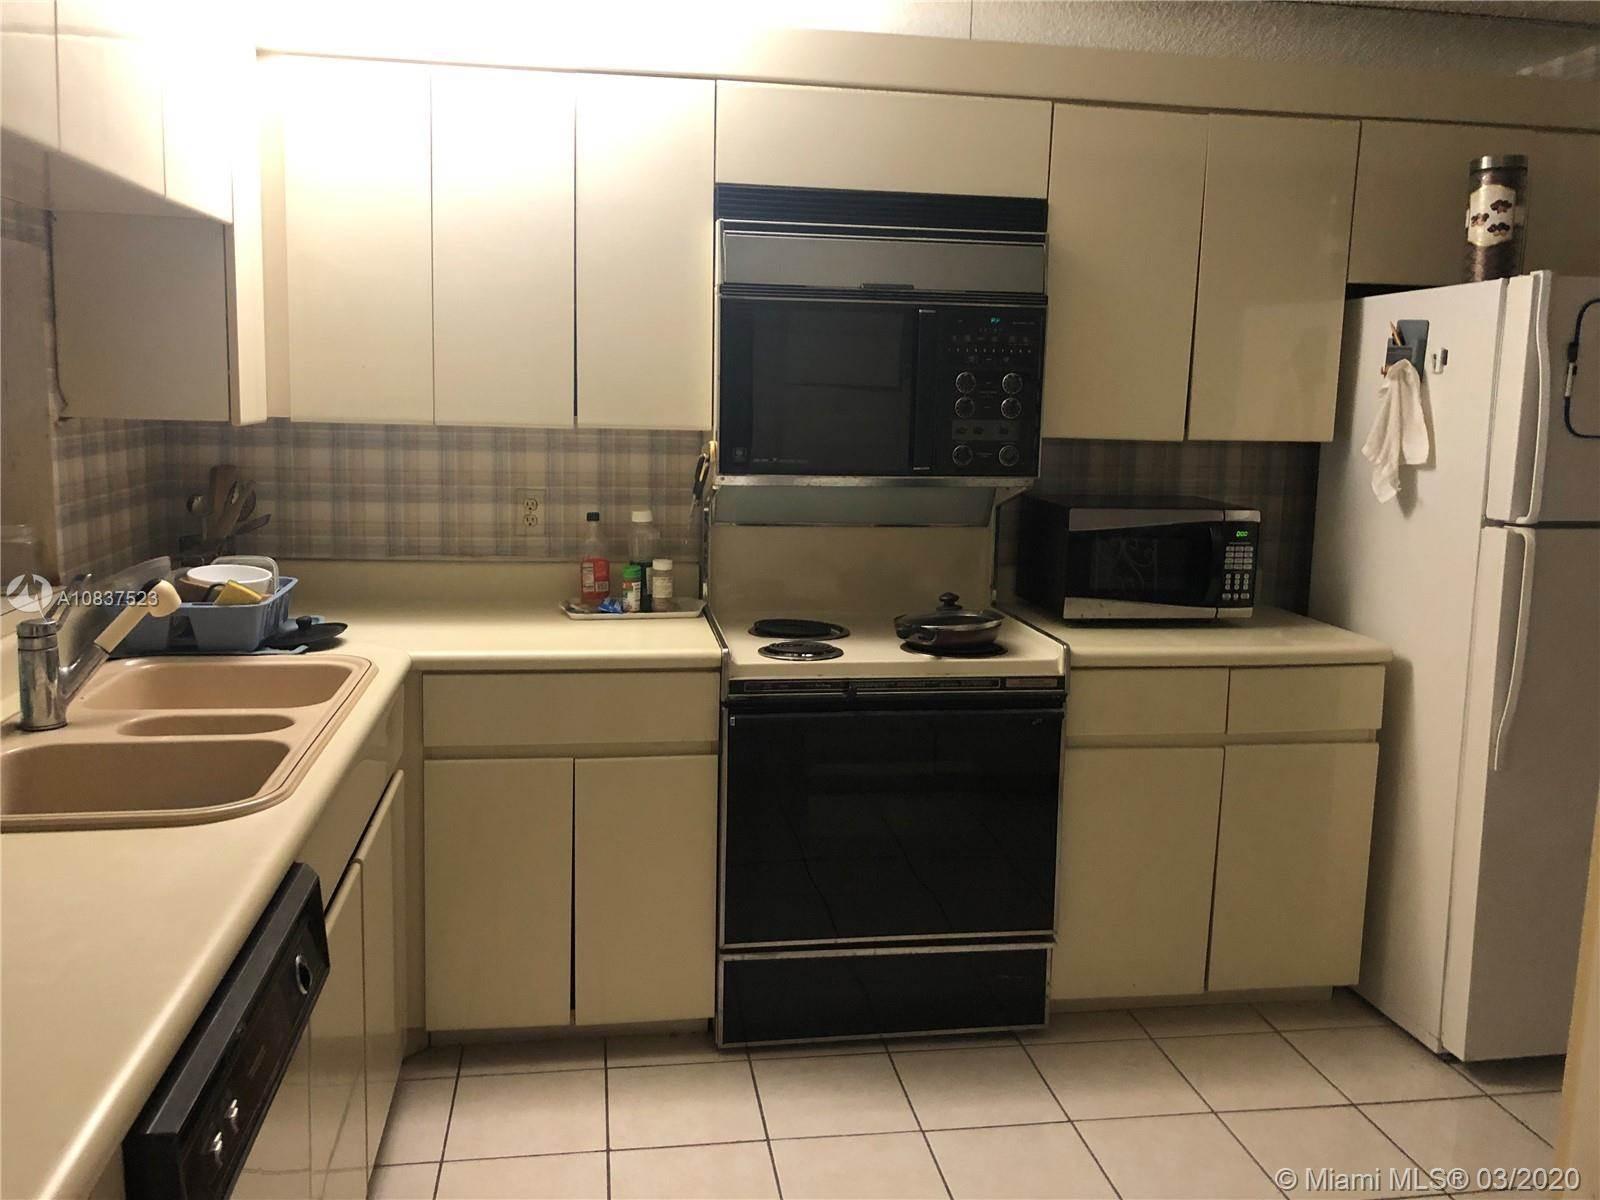 7050 NW 44th St, #307, Lauderhill, FL 33319